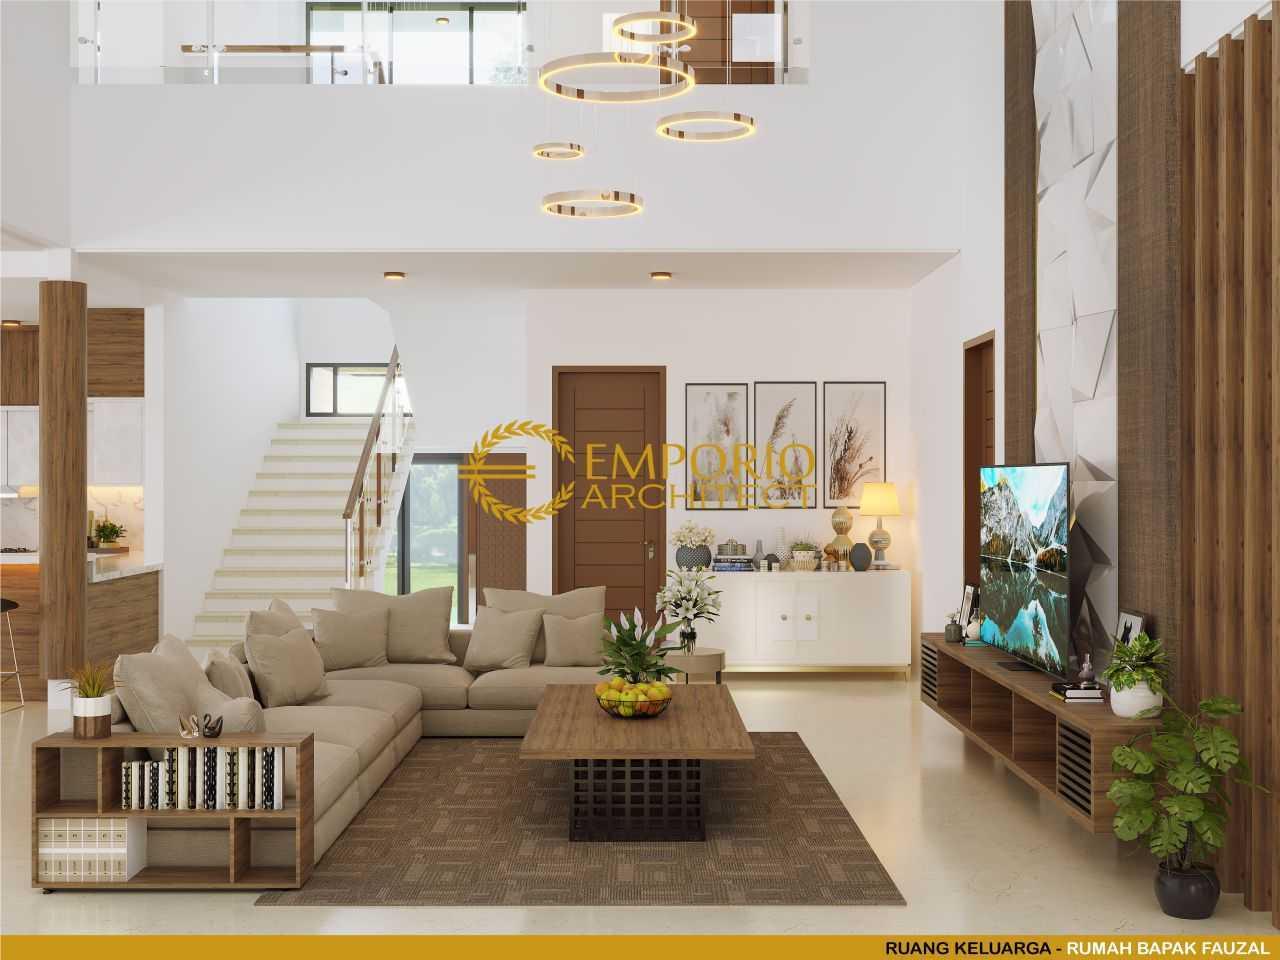 Emporio Architect Jasa Arsitek Aceh Desain Rumah Villa Bali 2 Lantai 823 @ Bireuen, Aceh Bireuen, Kuala, Kabupaten Bireuen, Aceh, Indonesia Bireuen, Kuala, Kabupaten Bireuen, Aceh, Indonesia Emporio-Architect-Jasa-Arsitek-Aceh-Desain-Rumah-Villa-Bali-2-Lantai-823-Bireuen-Aceh   93934